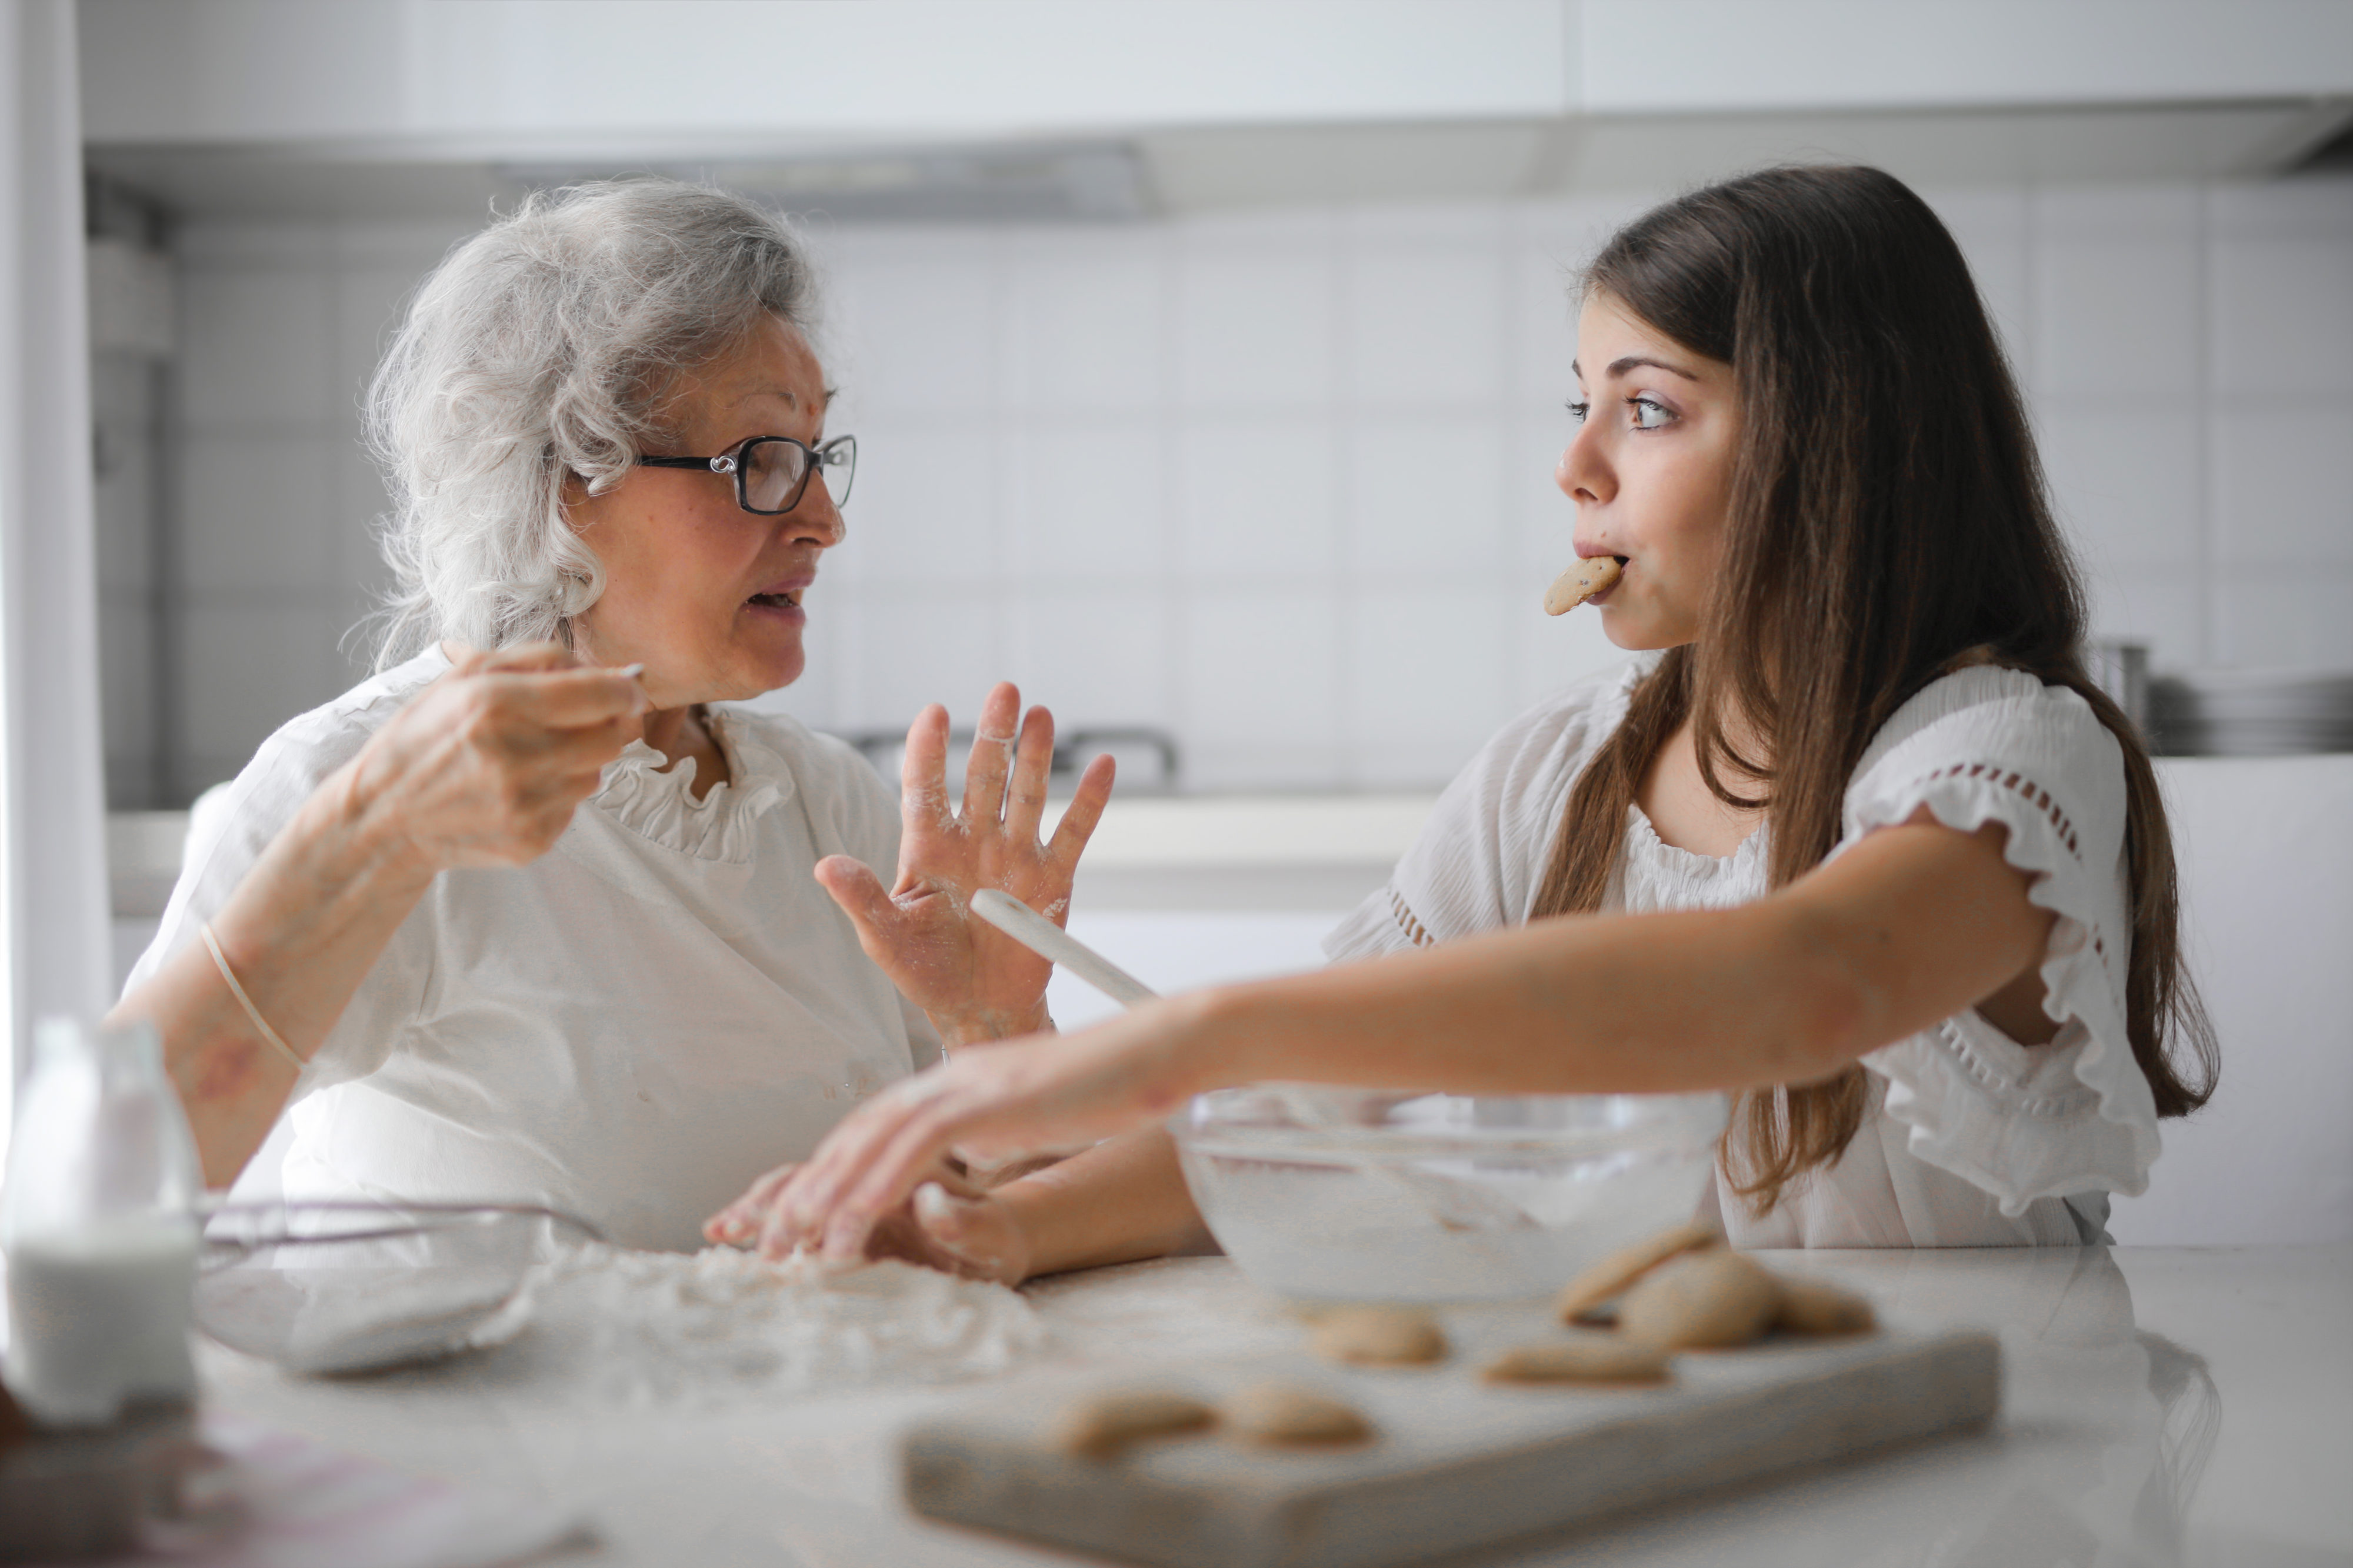 Optimiser son bien-être à 50 ans - Bien choisir sa nourriture